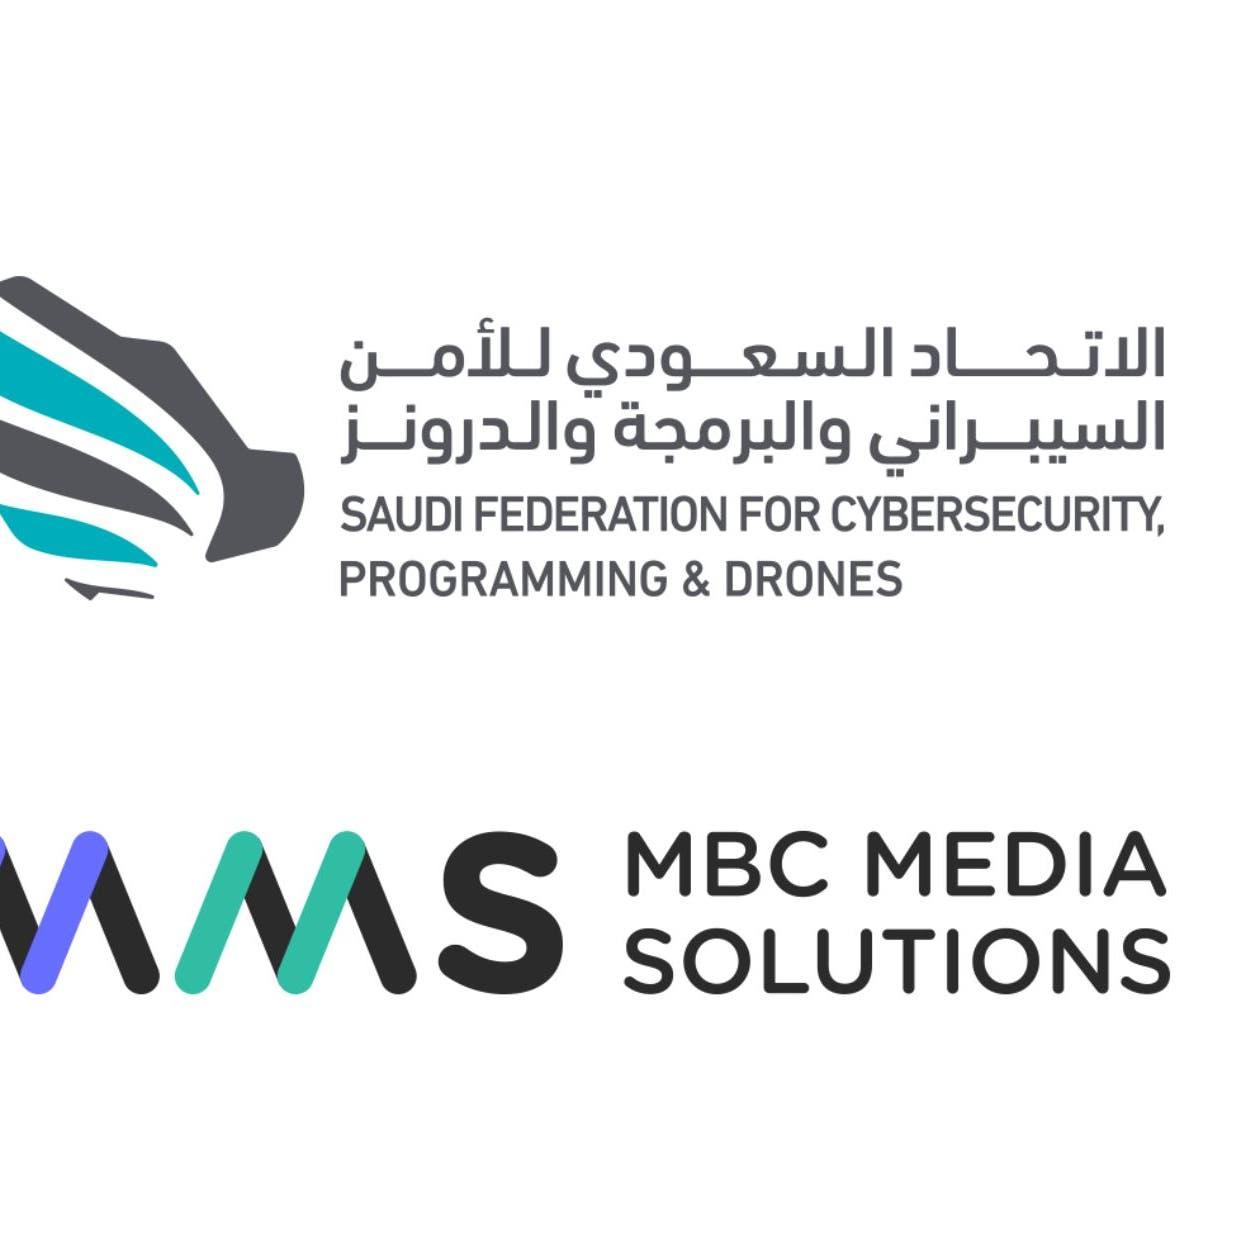 """شراكة بين MBC للحلول الإعلانية واتحاد الأمن السيبراني لإطلاق برنامج """"ارباك"""""""